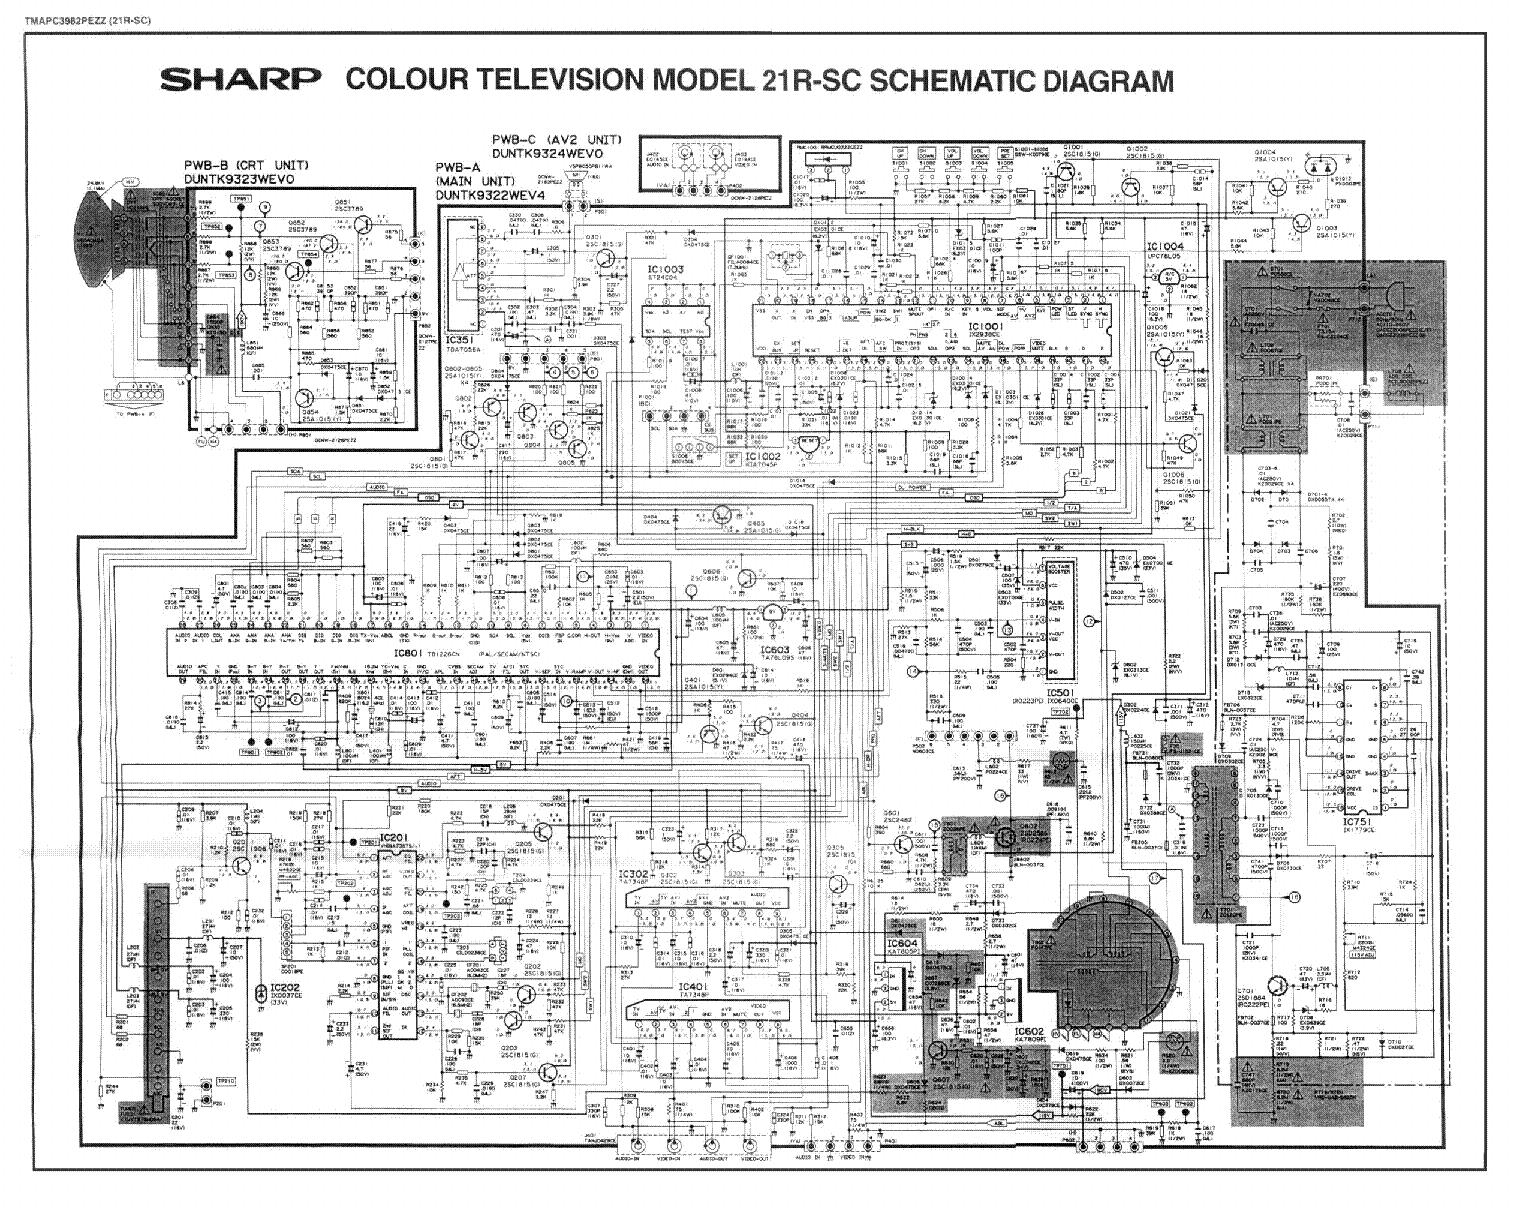 Схема телевизора SHARP 21R-SC, Шасси EC3-A.